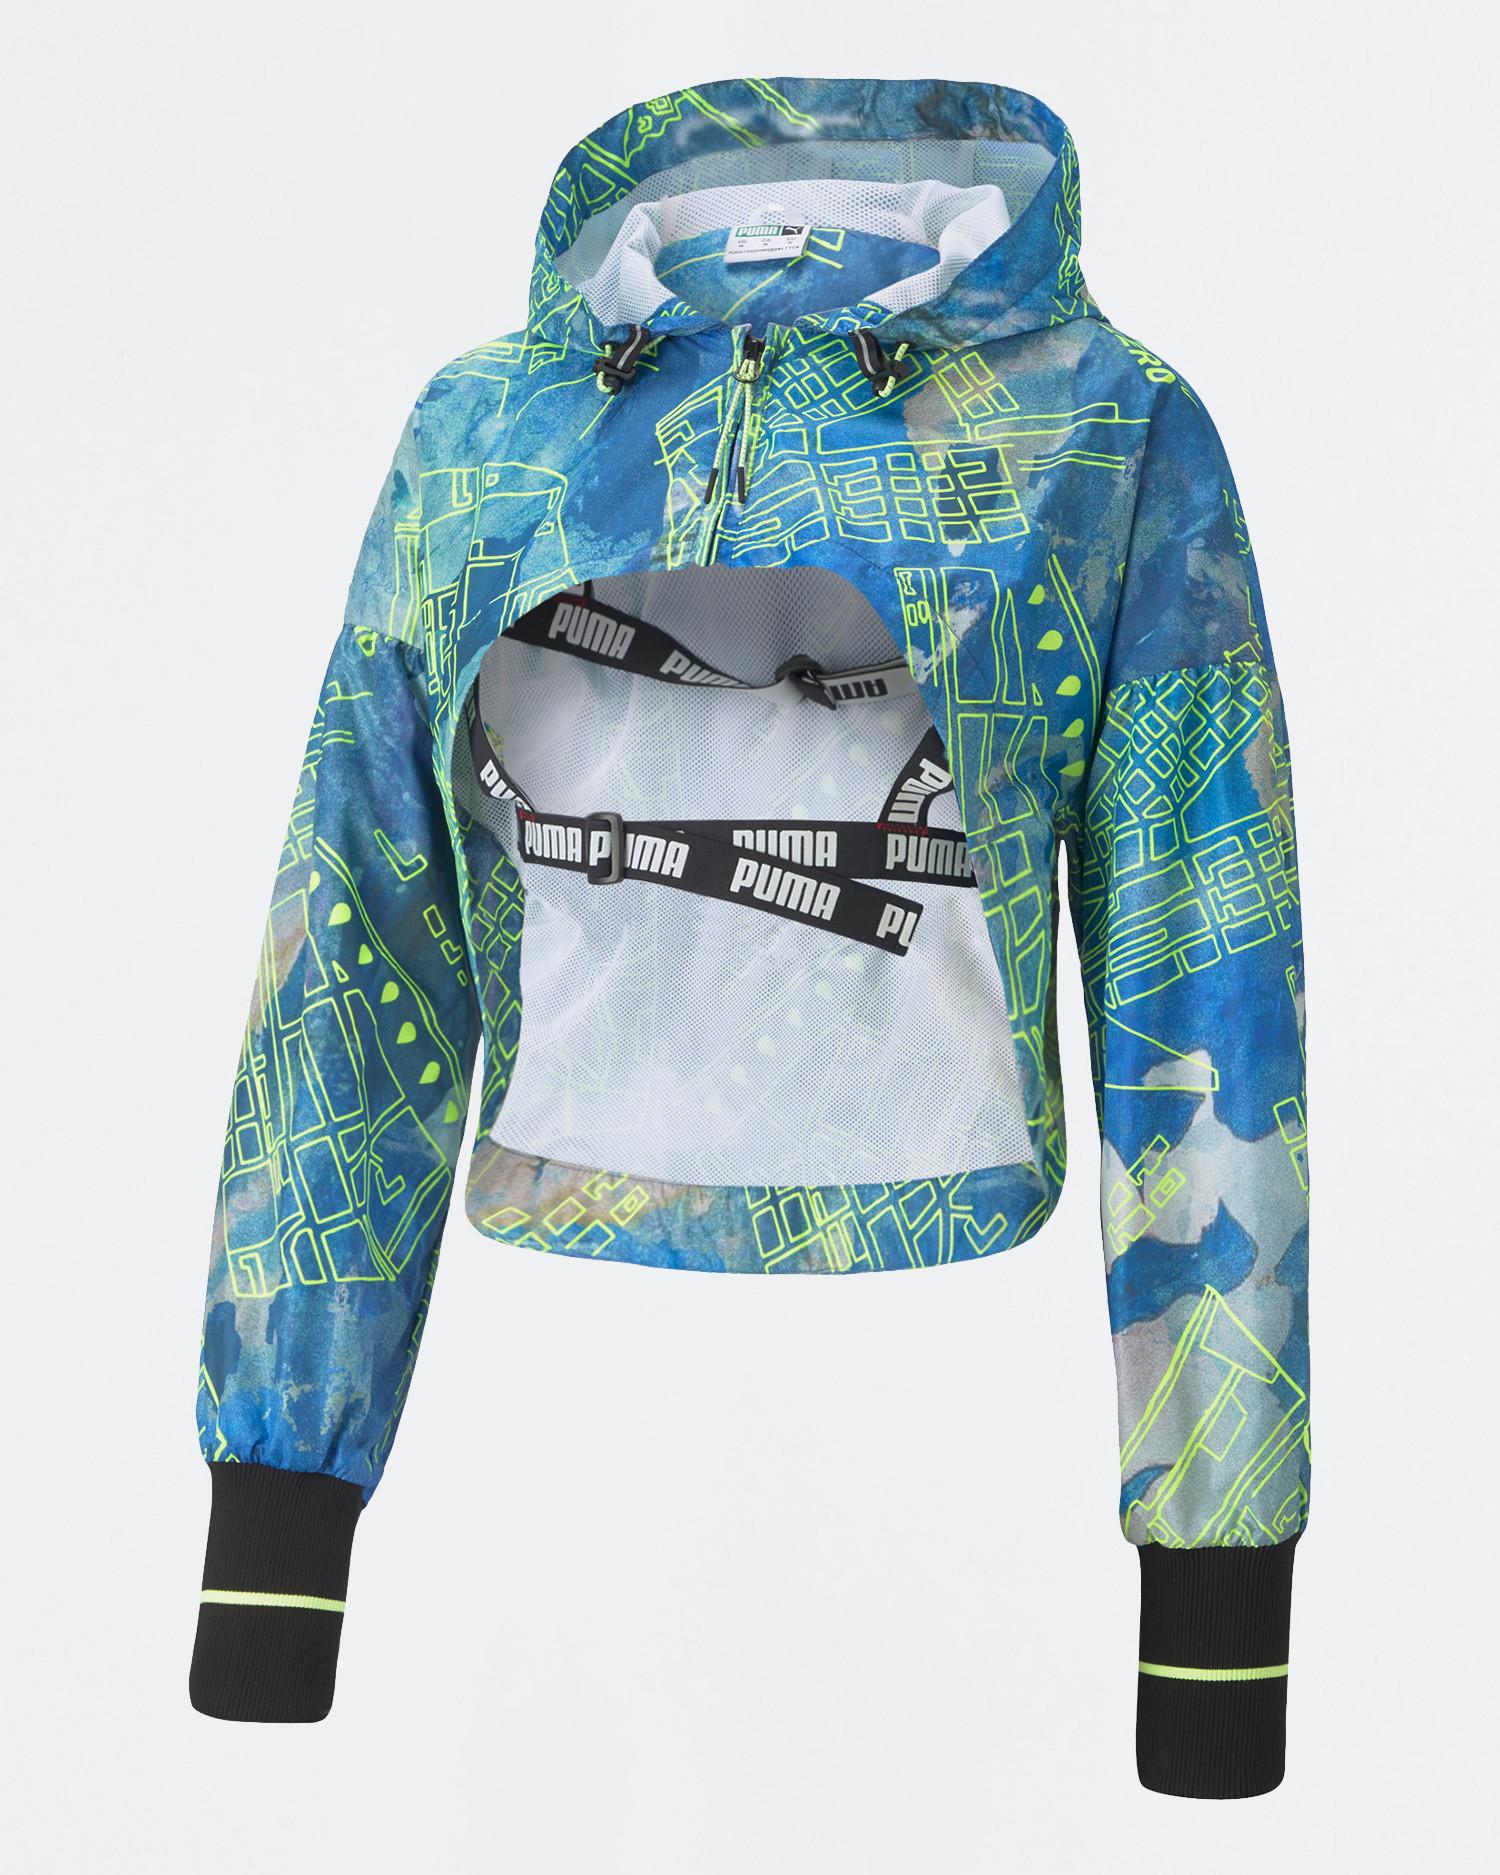 Puma x CSM Cropped jacket White/AOP